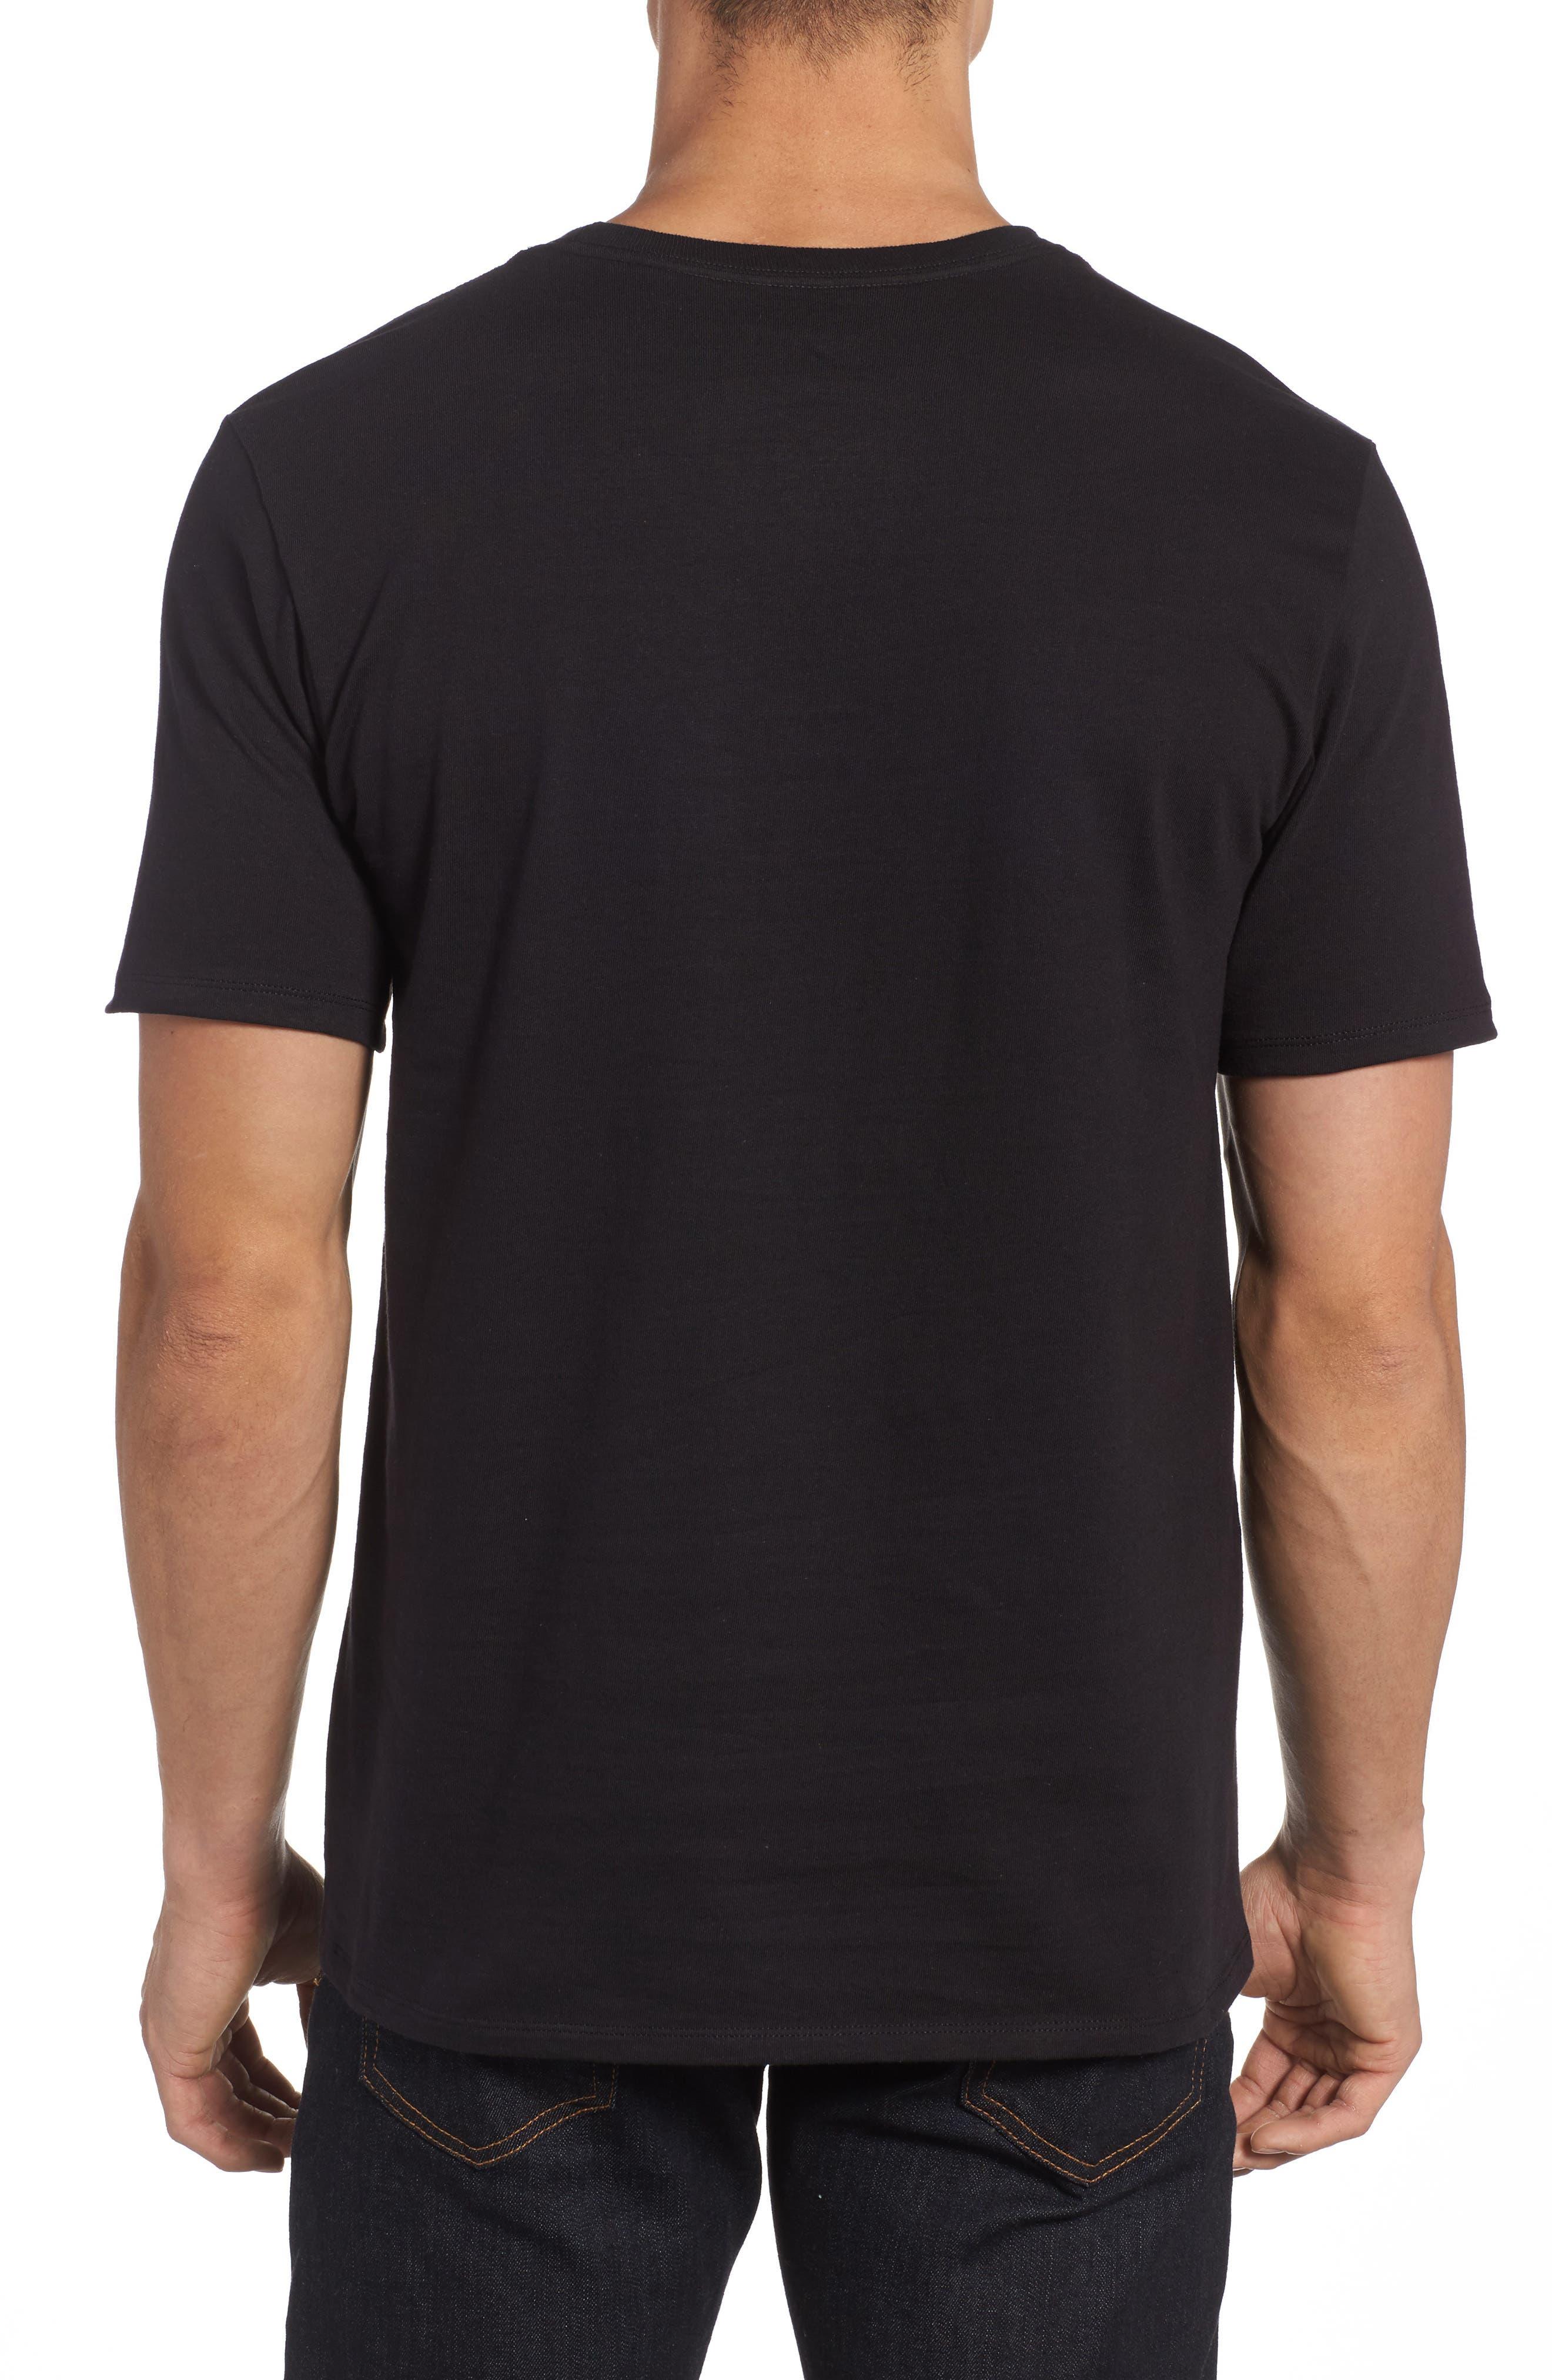 x Pendleton Pocket T-Shirt,                             Alternate thumbnail 2, color,                             010